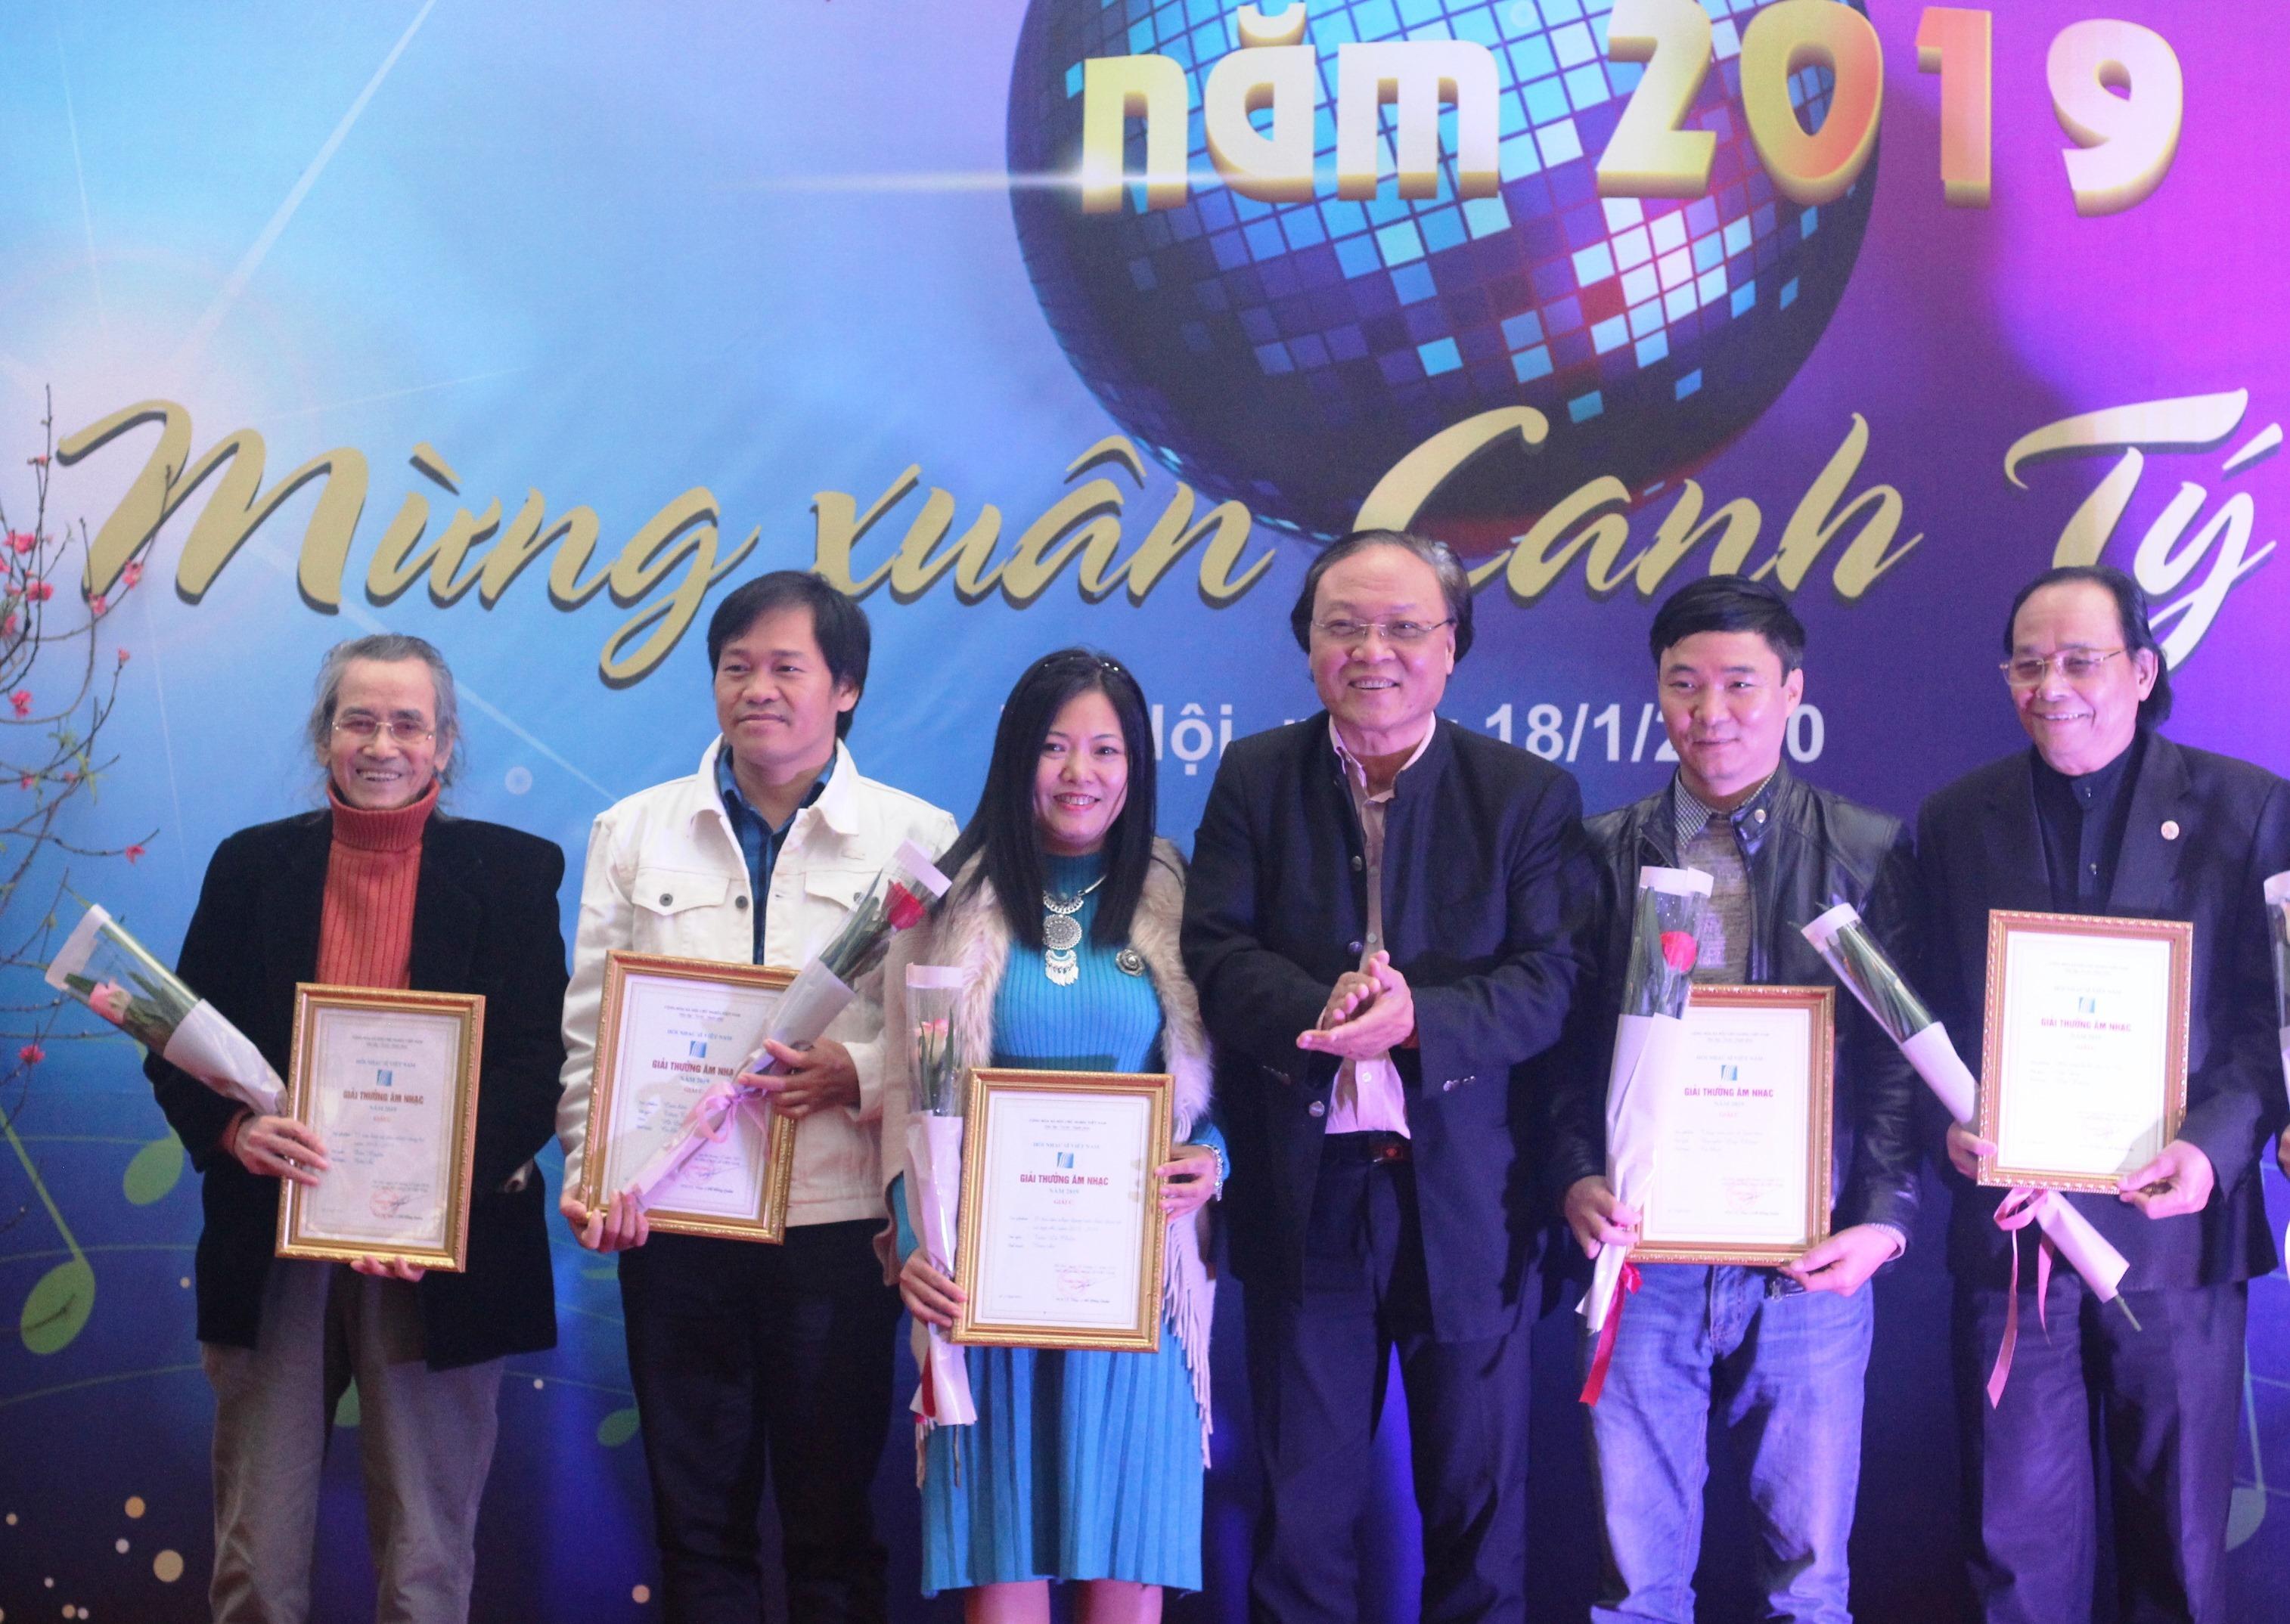 68 tác phẩm đoạt Giải thưởng Âm nhạc Hội Nhạc sĩ Việt Nam 2019